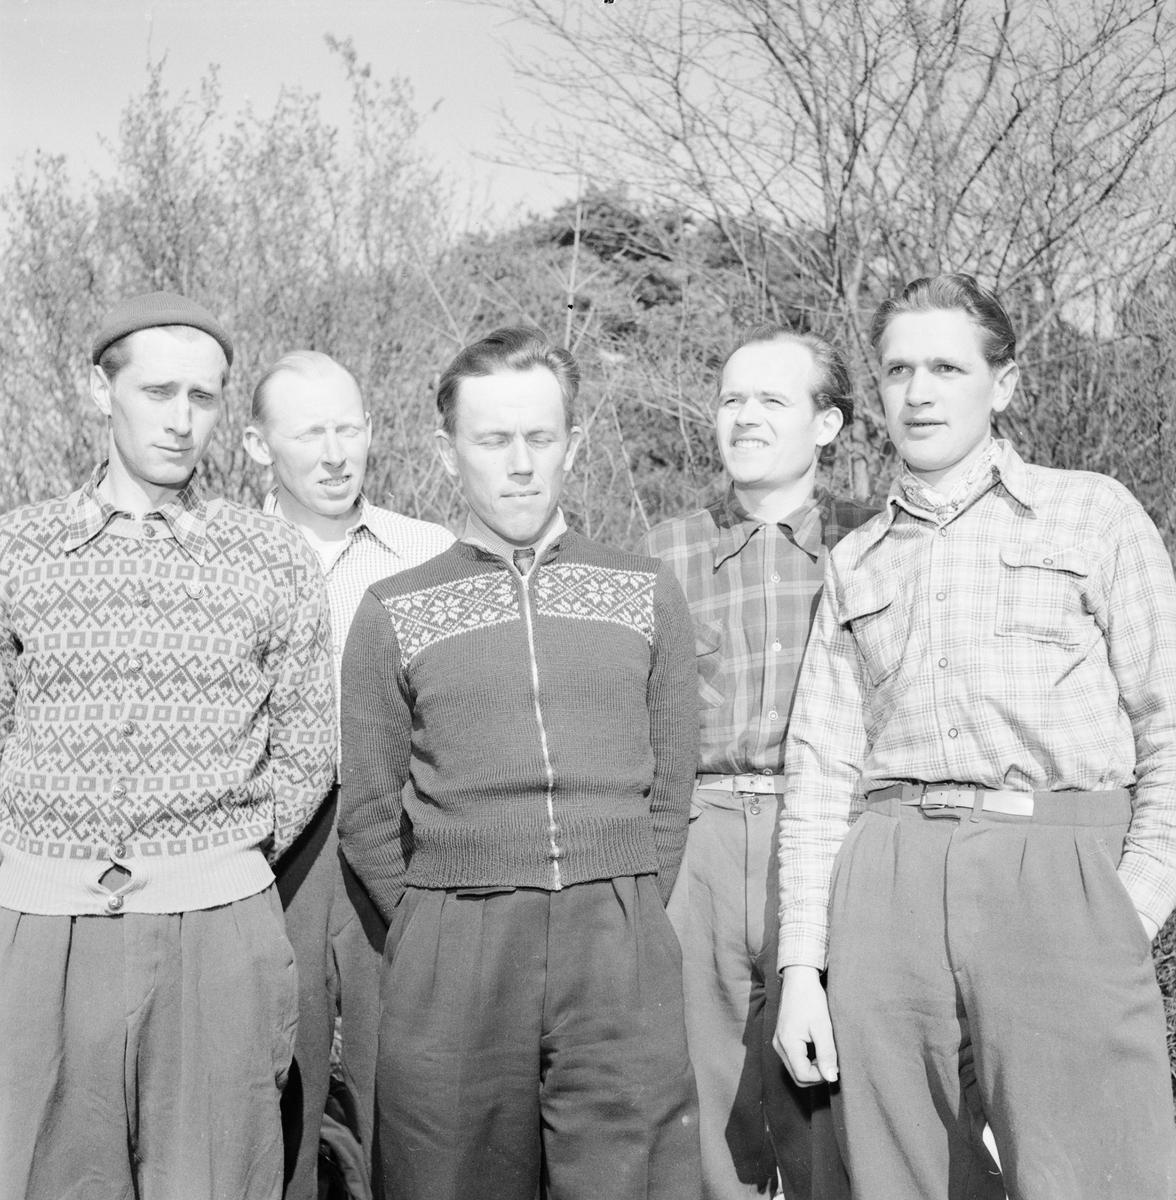 Orientering, budkaveln, Kvarnbo, Hållnäs socken, Uppland, april 1952